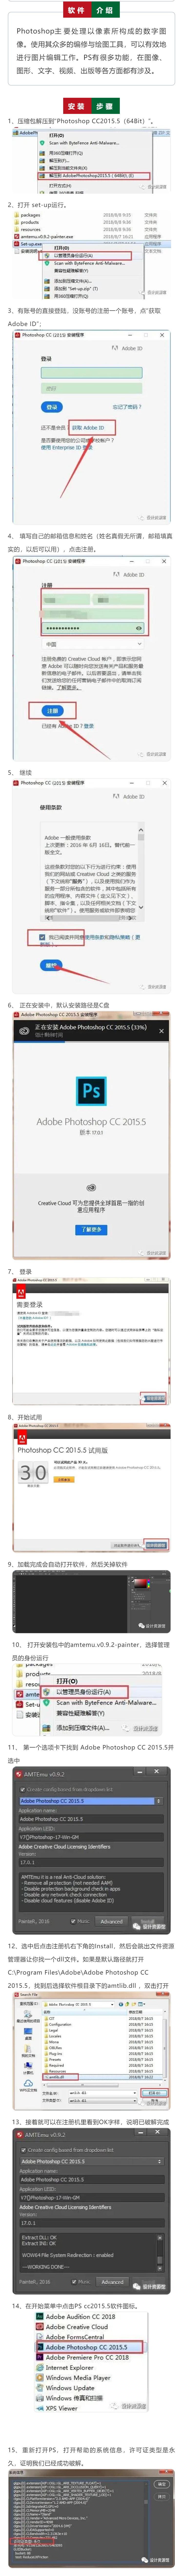 Photoshop CC2015 安装包及教程